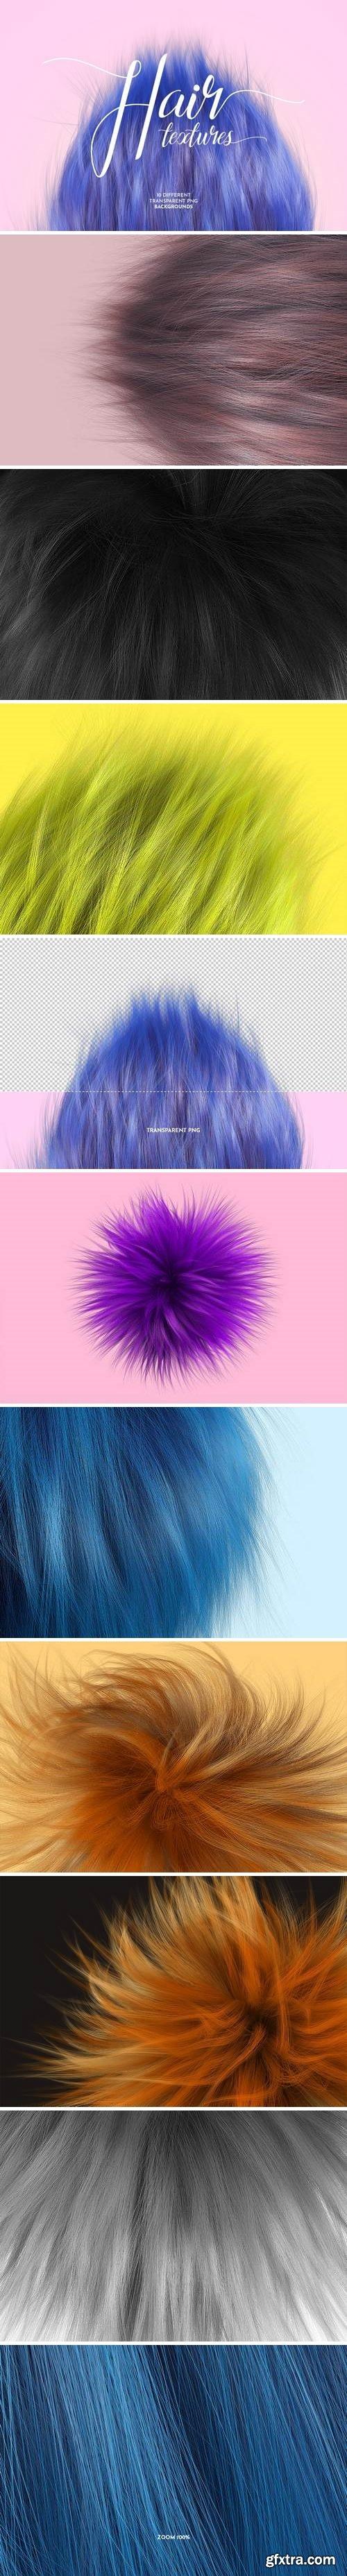 Soft Hair Textures